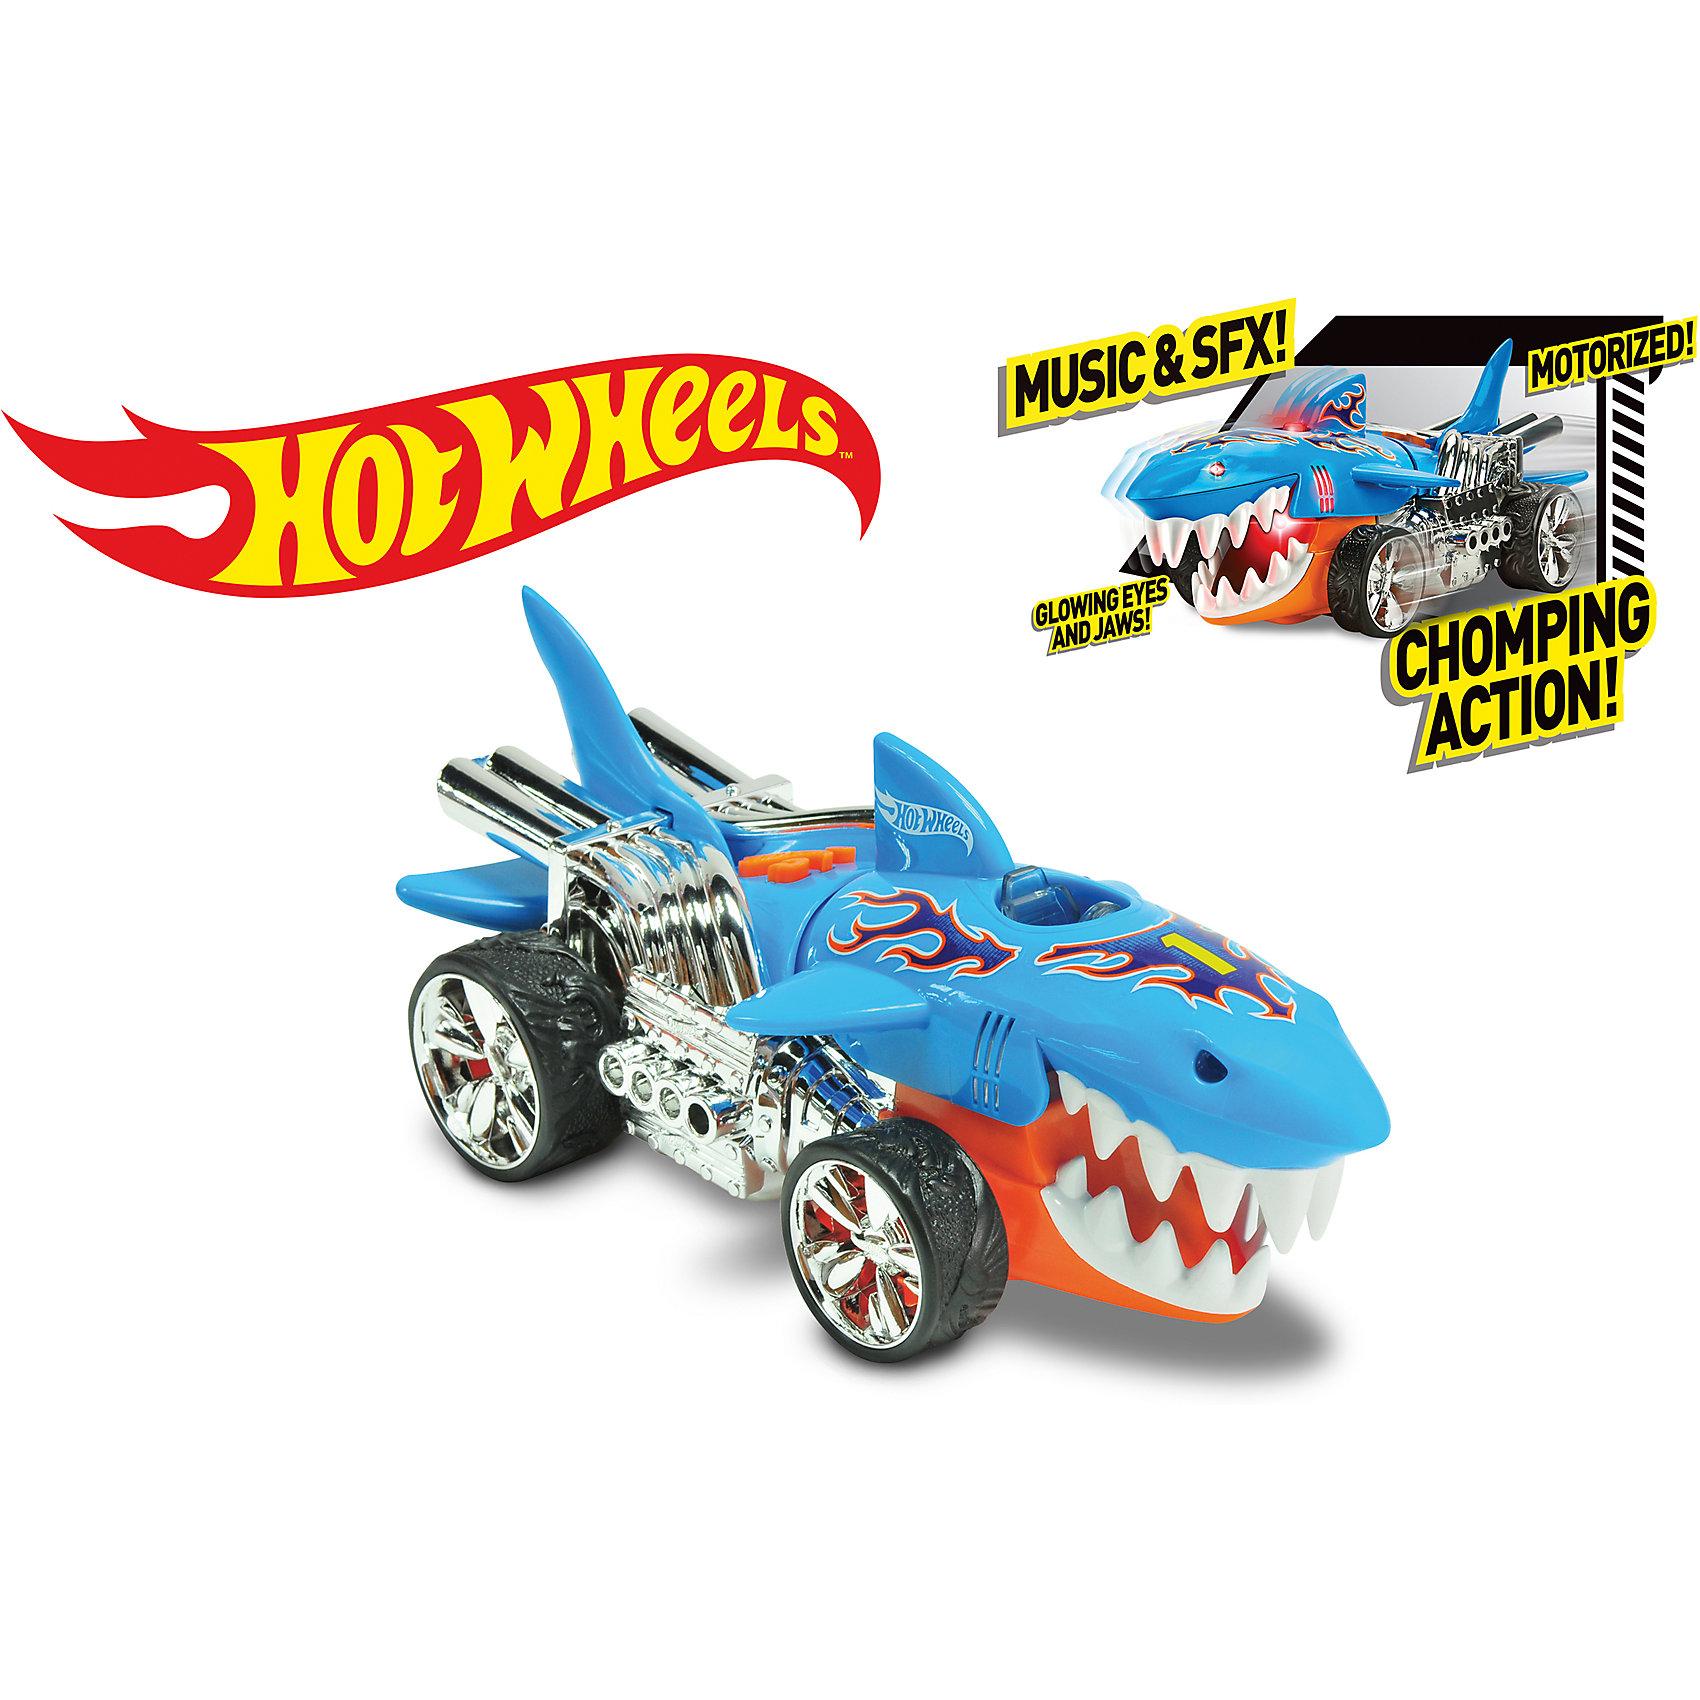 Машинка на батарейках Голубая акула, 23 см, Hot WheelsМашинка-монстр Хот Вилс электромеханическая, на батарейках, свет+звук.<br><br>Характеристики гоночной машинки в виде акулы Hot Wheels:<br><br>• световые эффекты: мигающие лампочки;<br>• звуковые эффекты: работающий мотор, лязг шин;<br>• внешний вид: огромная акула на корпусе, зубастая челюсть, хромированные диски;<br>• функциональность модели: у акулы во время движения открывается и закрывается пасть;<br>• электронная модель: работает от батареек;<br>• батарейки входят в комплект: 3 шт. типа ААА;<br>• длина машинки: 23 см;<br>• размер упаковки: 27,3х12,7х12,7 см;<br>• вес упаковки: 454 г.<br><br>Скоростные гонки, жажда скорости, молниеносный старт – гоночные машинки Hot Wheels порадуют мальчишек агрессивным видом и оформлением капота фигуркой акулы с подвижной челюстью. Машинка Hot Wheels с электромеханической подвеской и мощными выхлопными трубами. <br><br>Машинку на батарейках Голубая акула, 23 см, Hot Wheels можно купить в нашем интернет-магазине.<br><br>Ширина мм: 130<br>Глубина мм: 130<br>Высота мм: 270<br>Вес г: 513<br>Возраст от месяцев: 36<br>Возраст до месяцев: 2147483647<br>Пол: Мужской<br>Возраст: Детский<br>SKU: 5066700